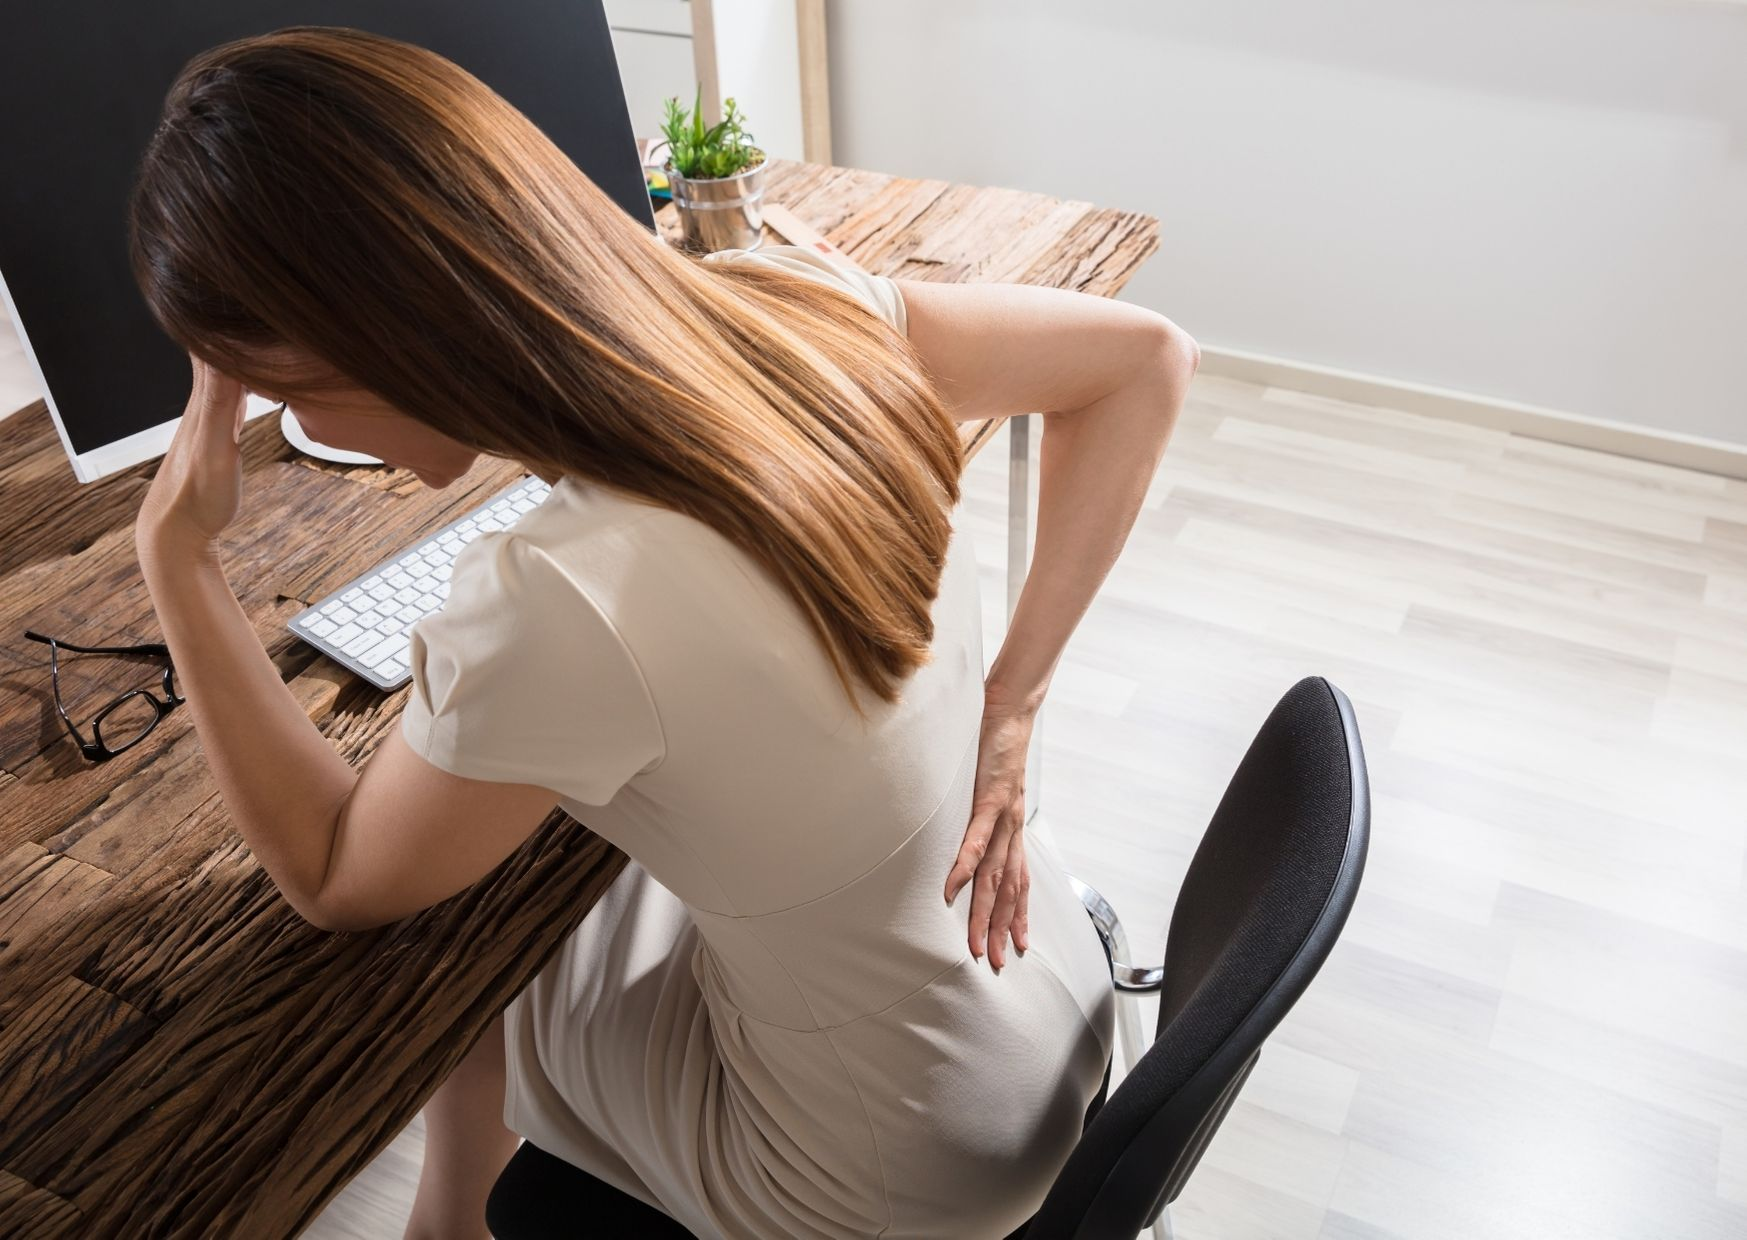 Schreibtischblues – schnelle Übungen für Nacken & Schultern